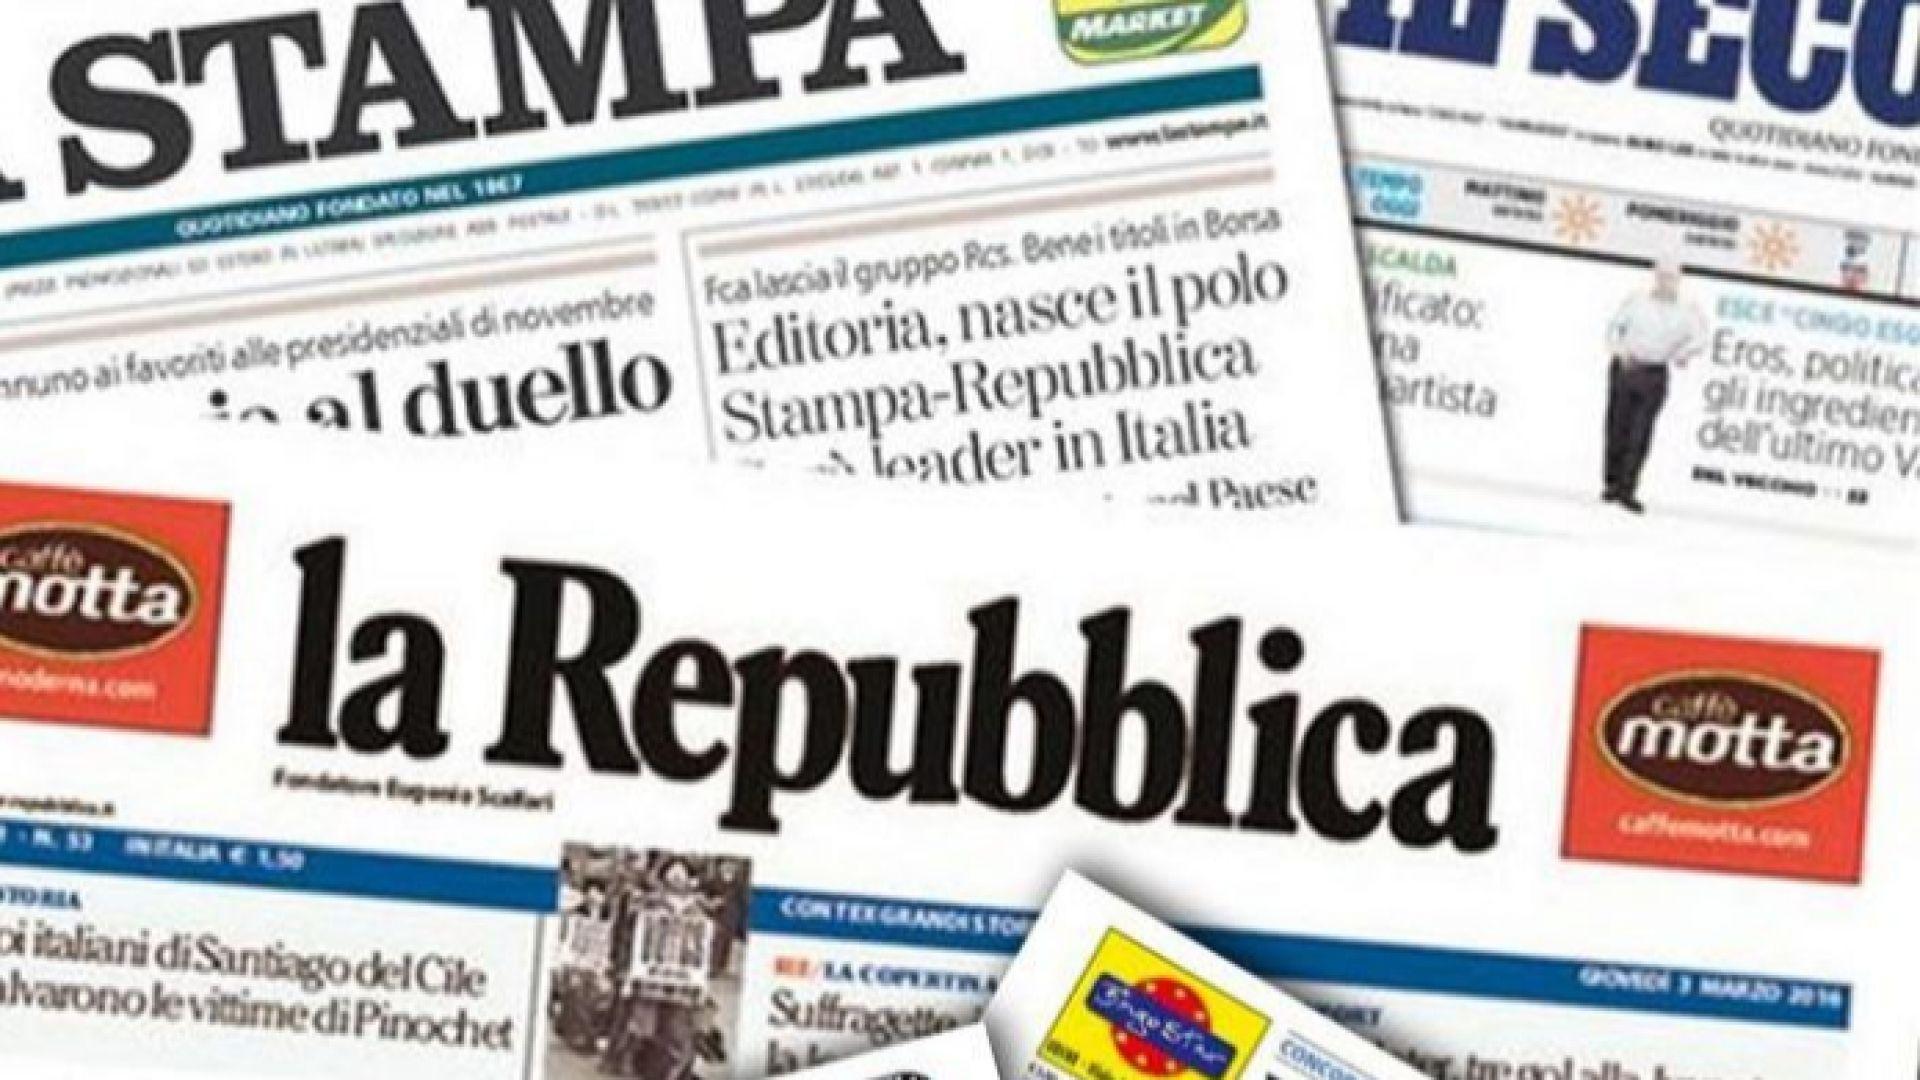 Италианската фамилия Аниели купи голяма вестникарска група